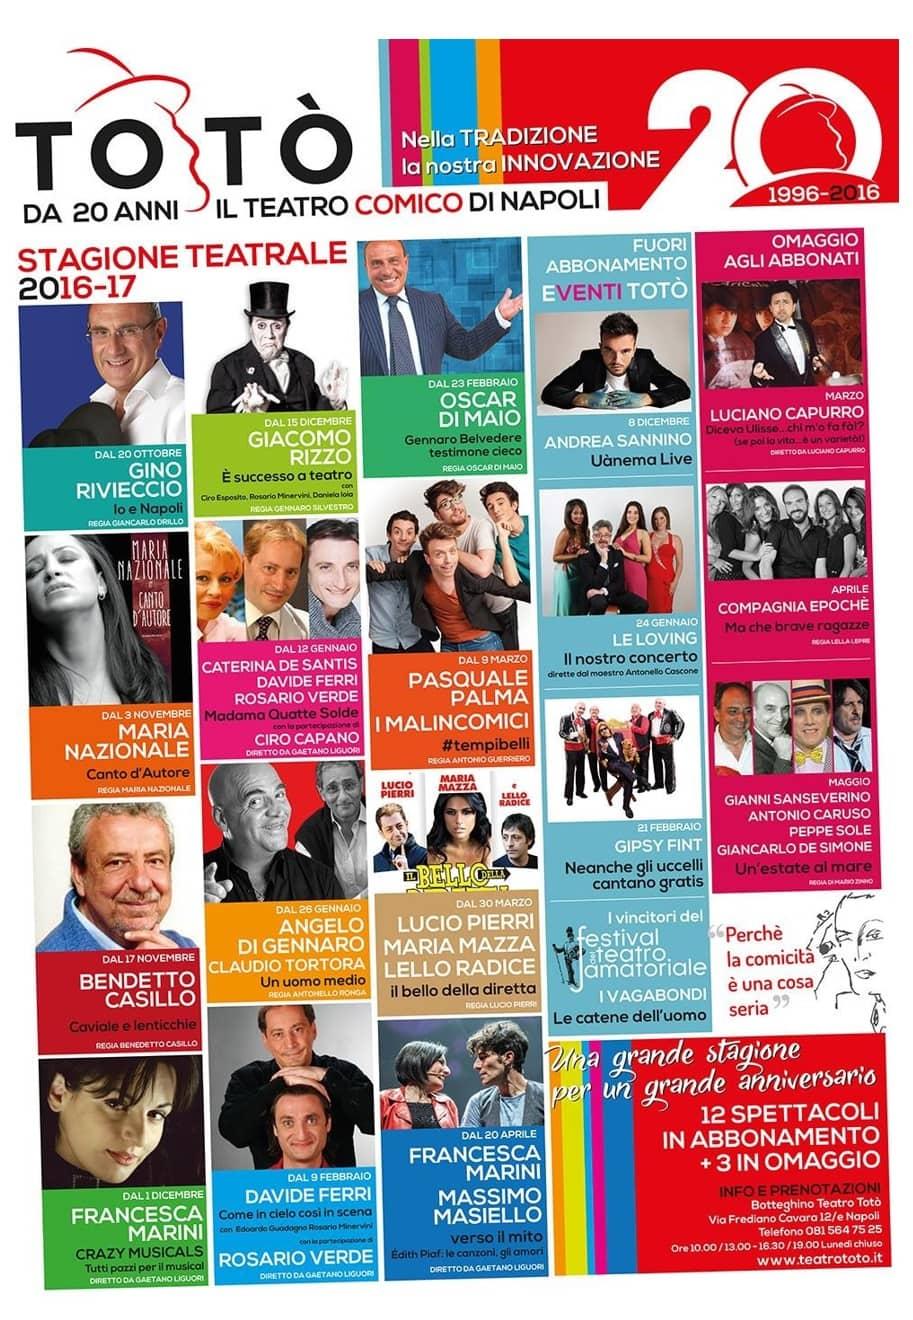 Teatro Totò Stagione 2016-17